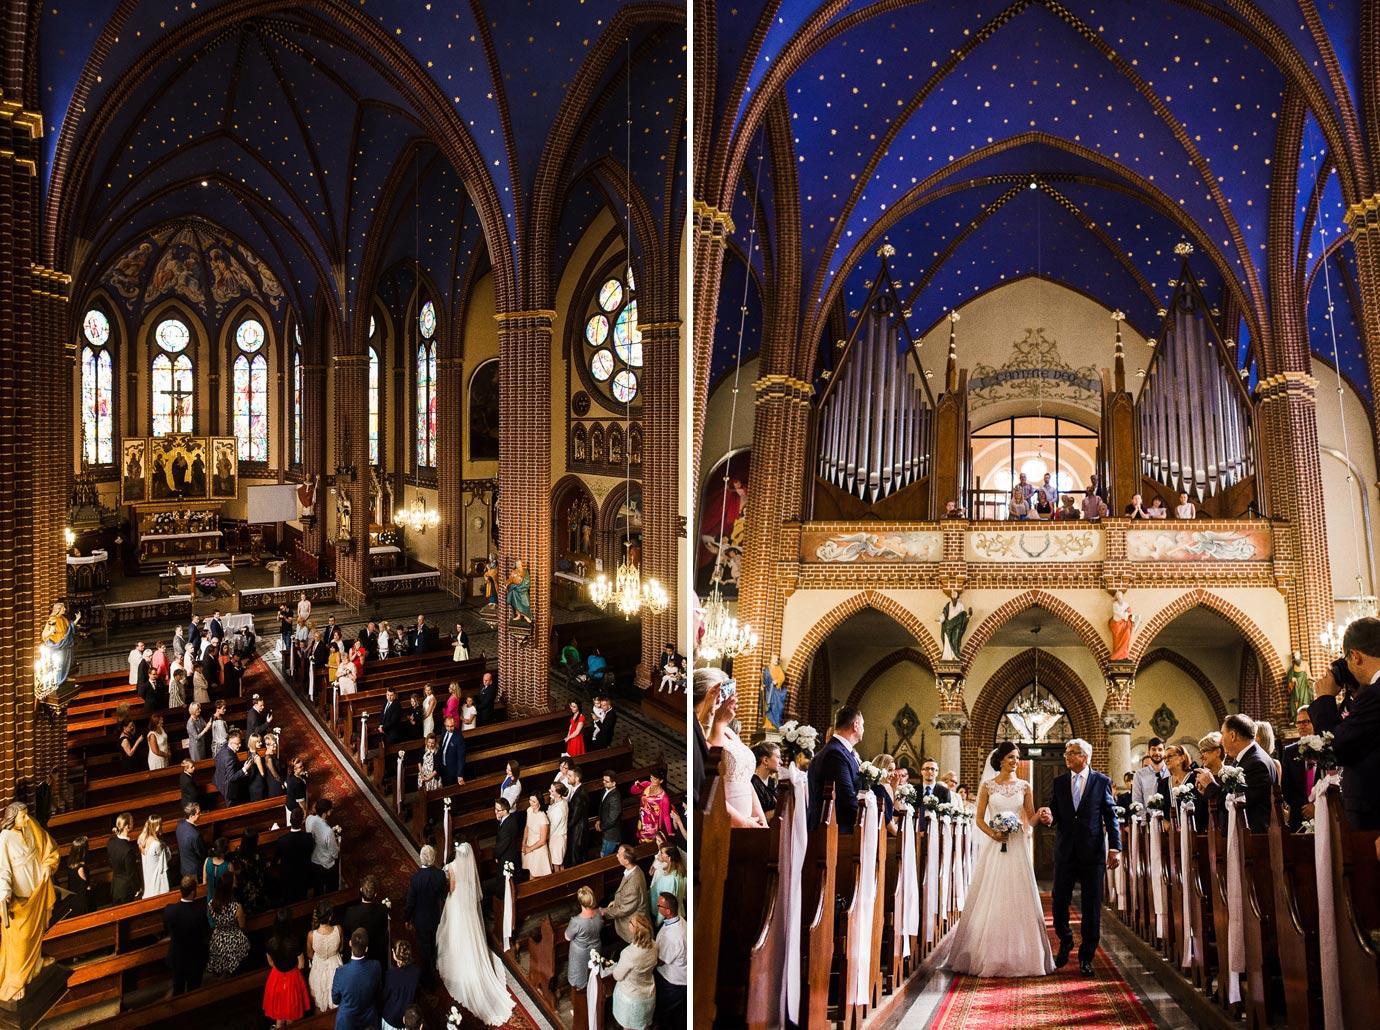 Piękny kośció w szczecinie